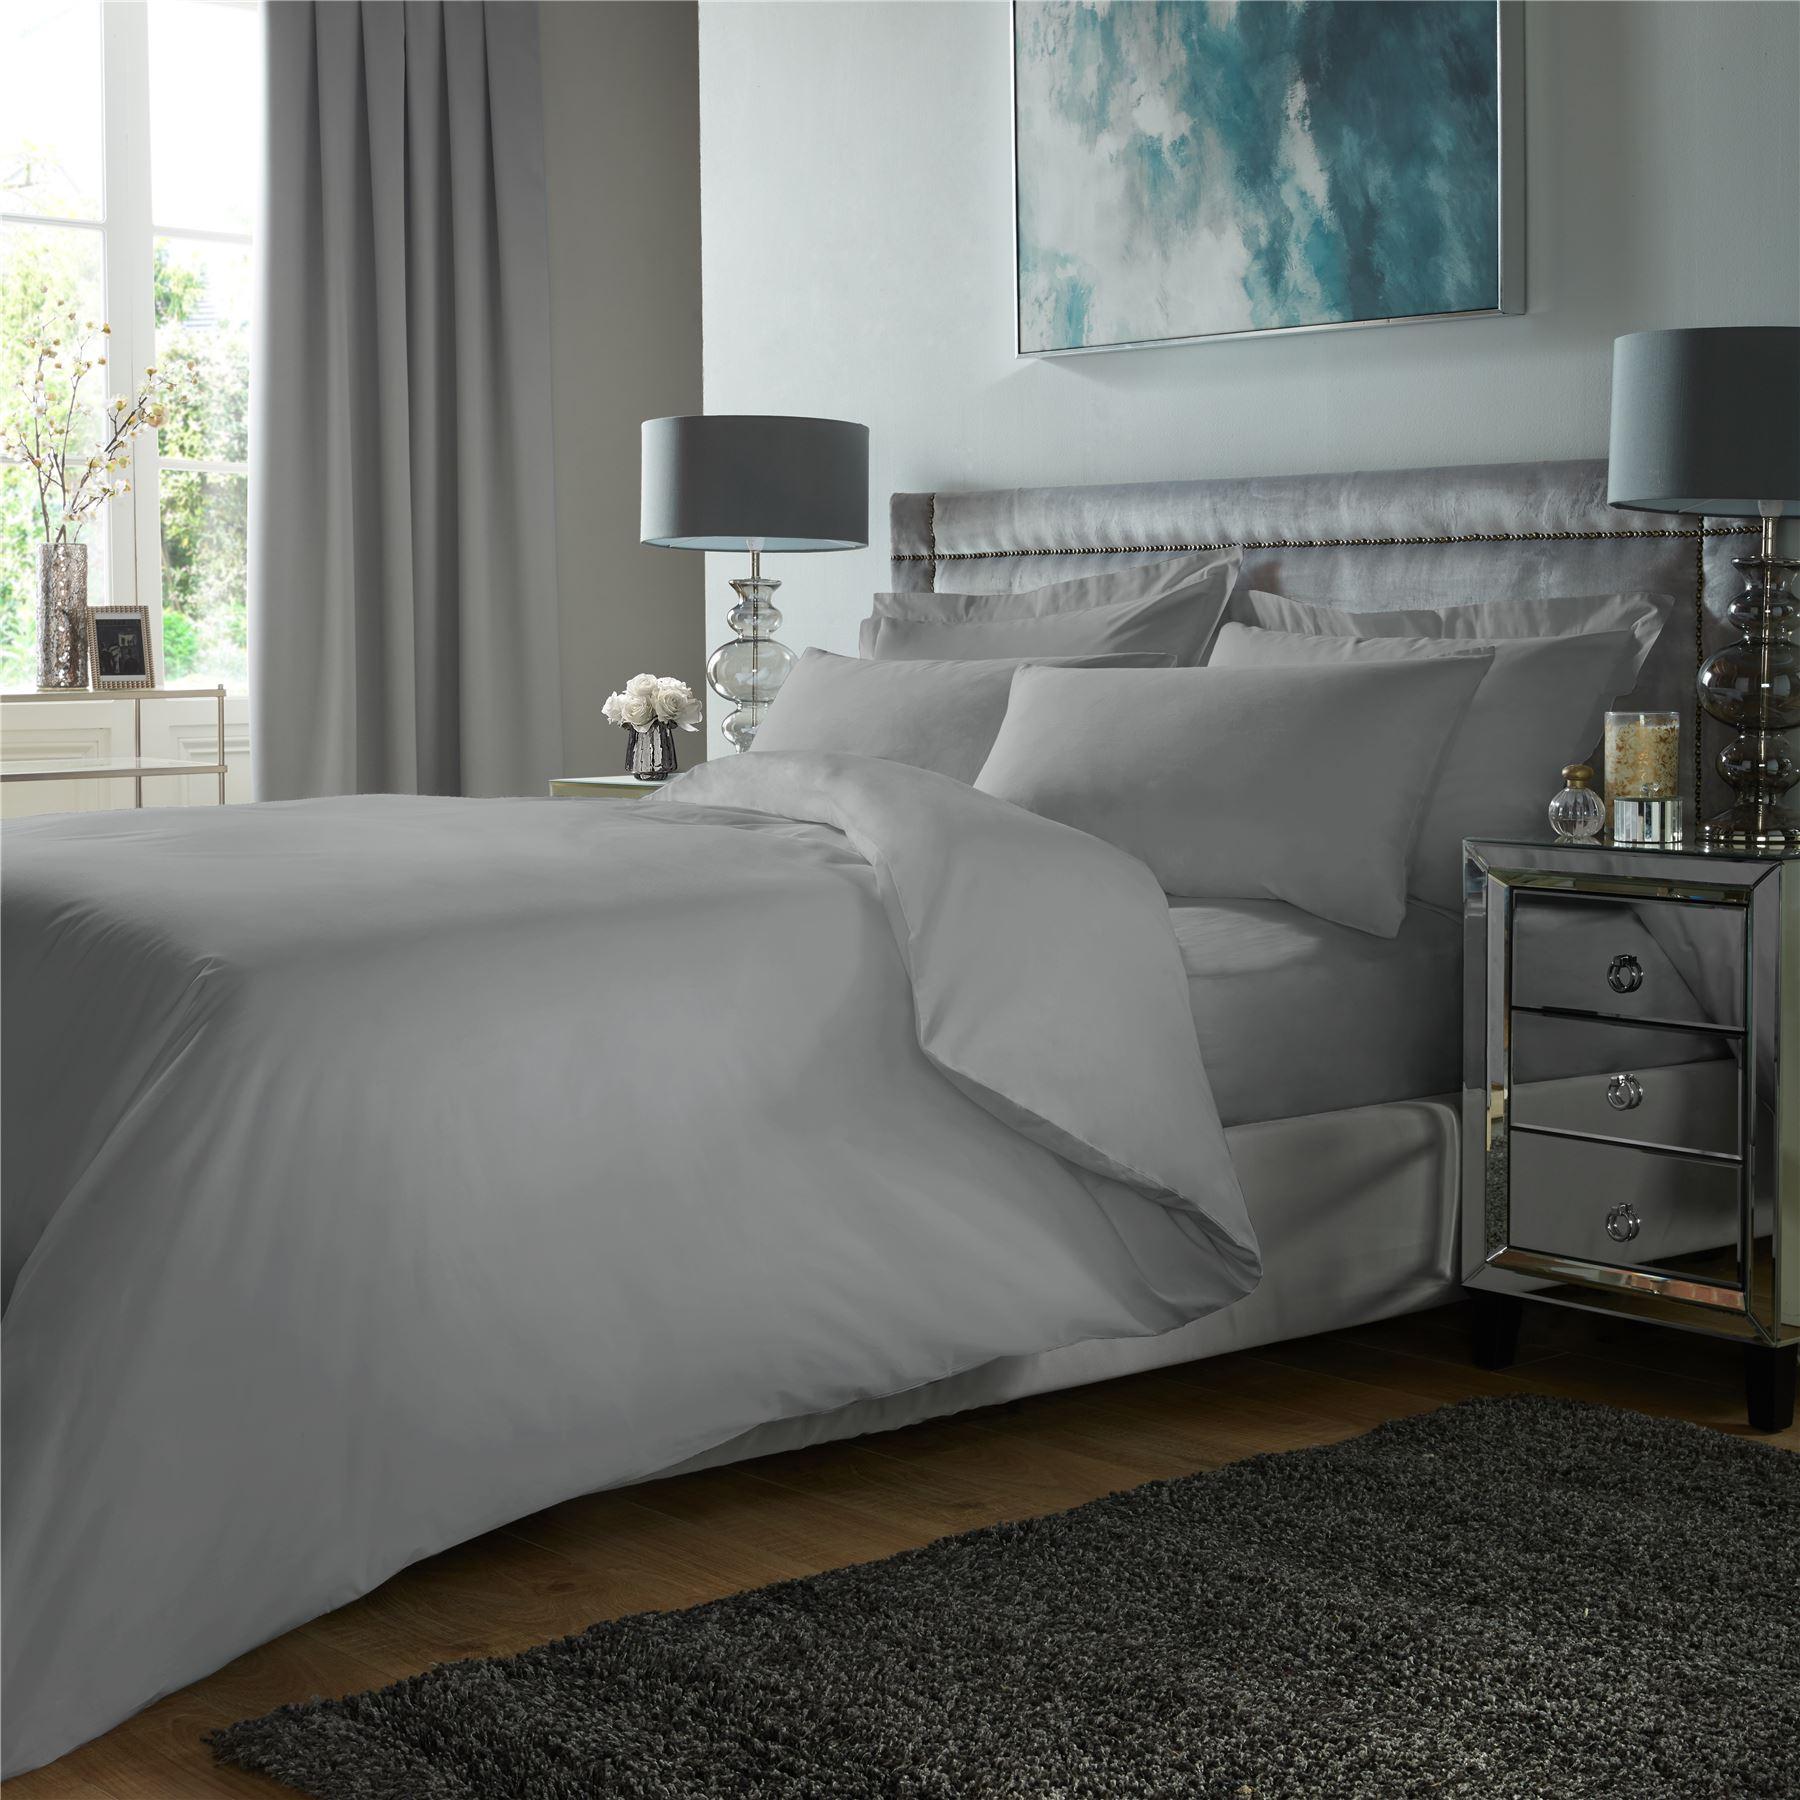 De-Lujo-400TC-conjunto-de-funda-de-edredon-100-Algodon-Egipcio-ropa-de-cama-funda-de-almohada-tenida miniatura 16